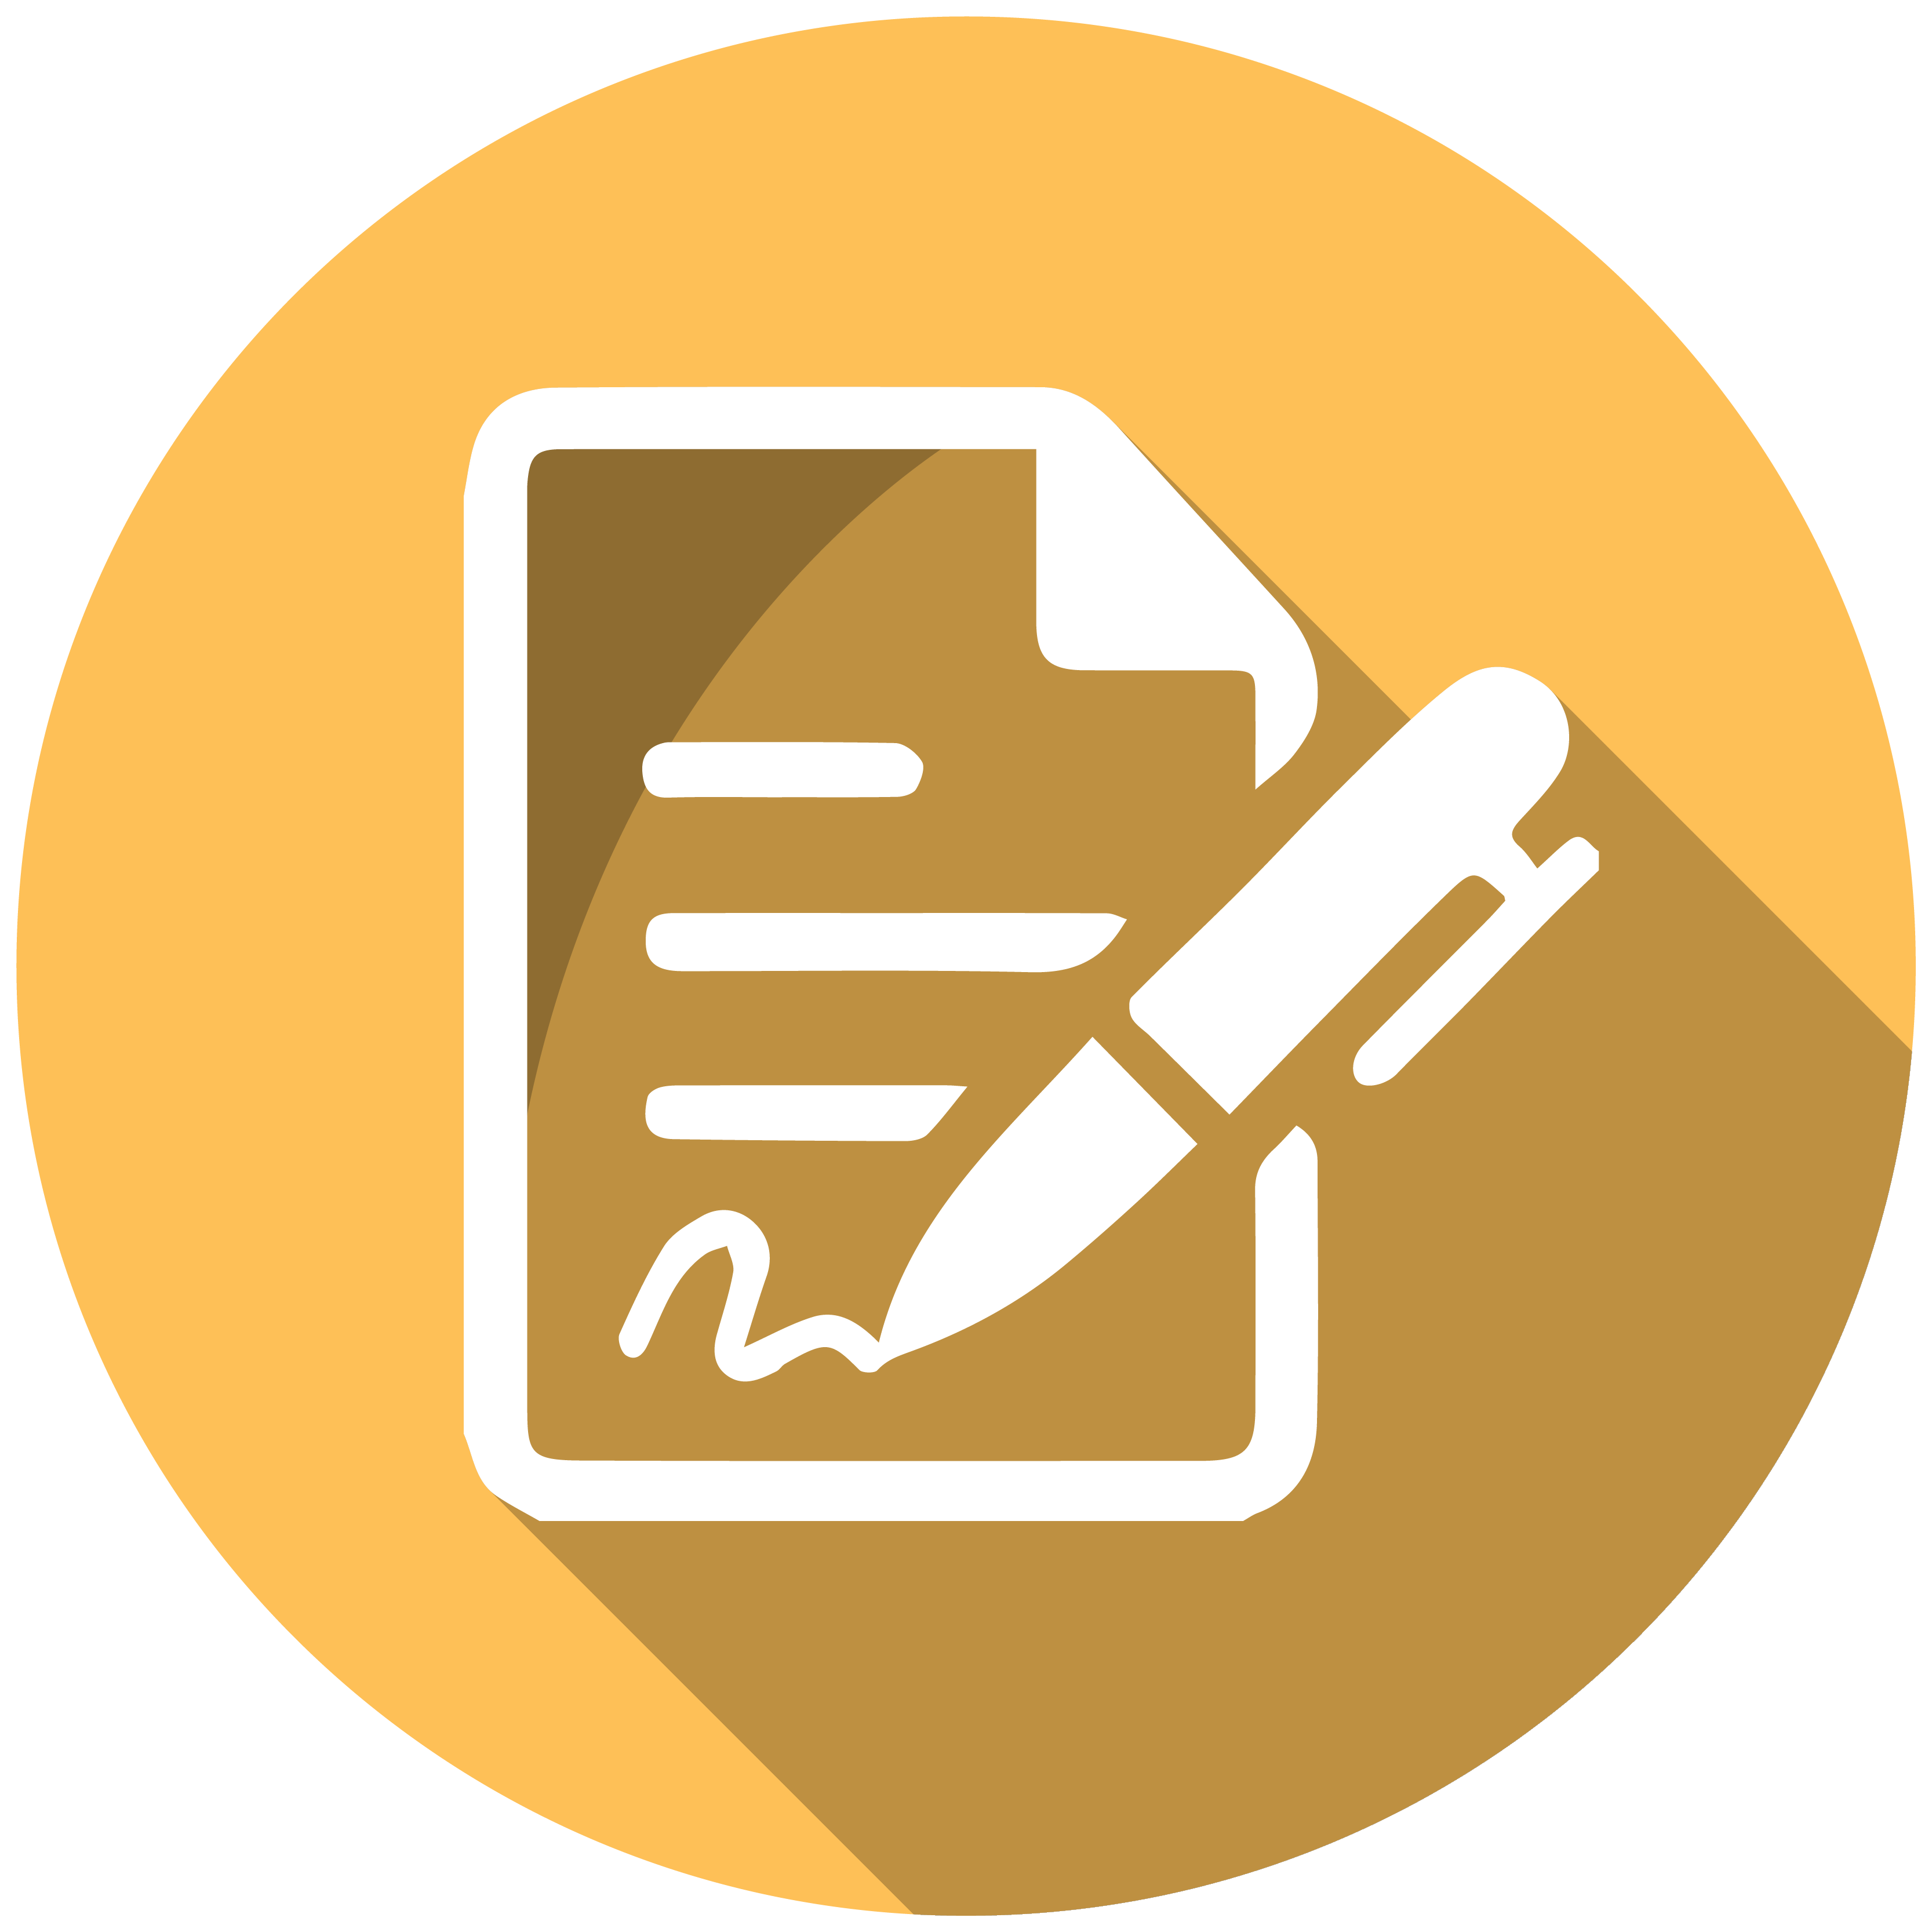 دریافت فایل تحقیق مسئولیت مدنی ناشی از آلودگی و خسارت به محیط زیست - پرداخت و دانلود آنی